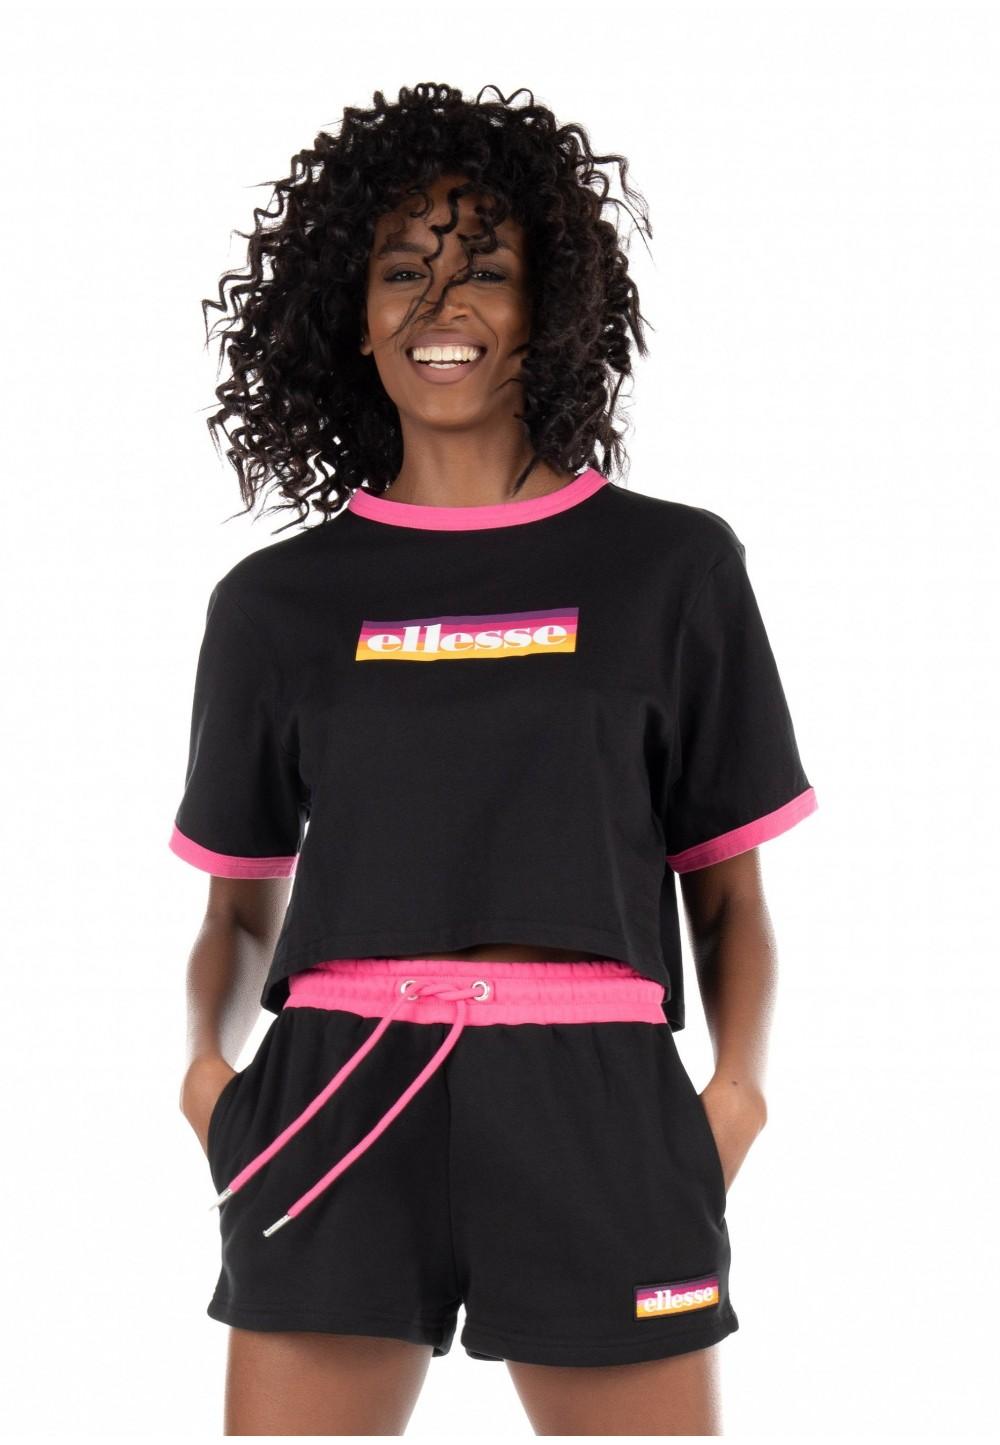 Укорочена футболка iз яскравим логотипом